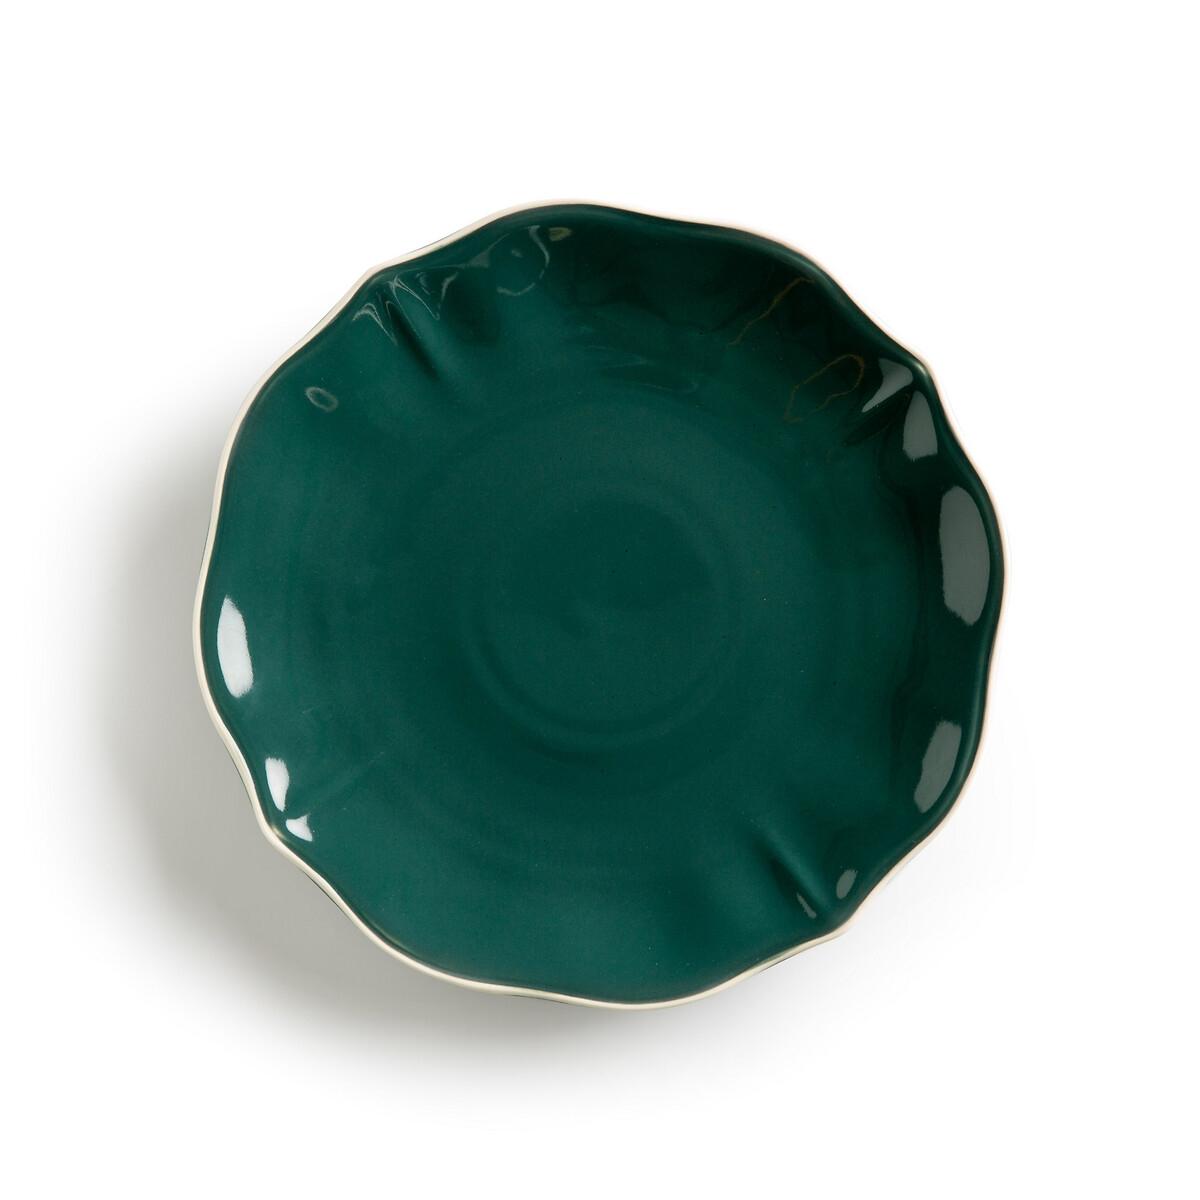 Фото - Набор LaRedoute Из 4 тарелок Auguste единый размер зеленый покрывало la redoute кроватное из газовой ткани биохлопок cuddly единый размер розовый